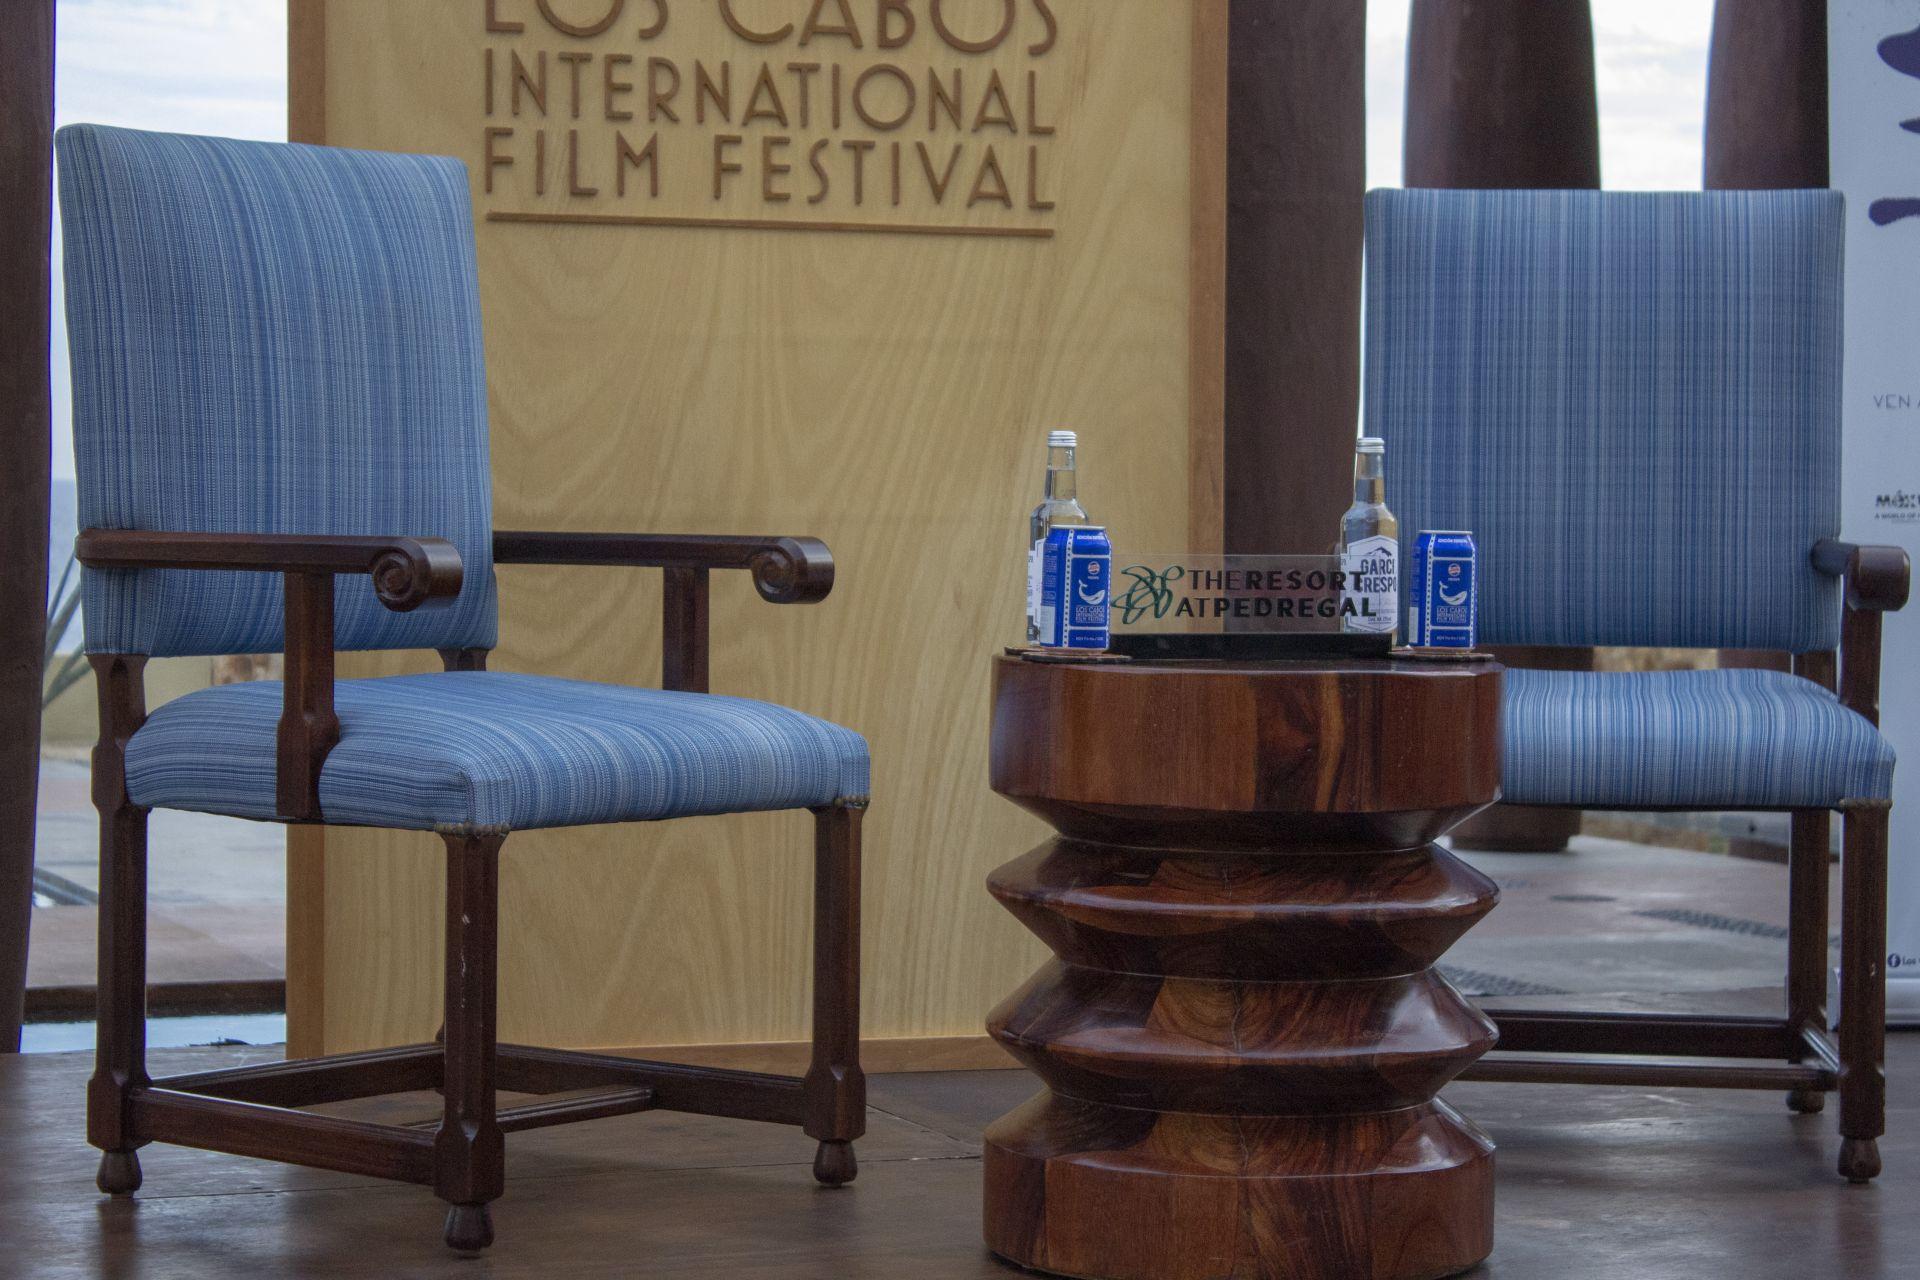 Los_Cabos_Film_Festival_58